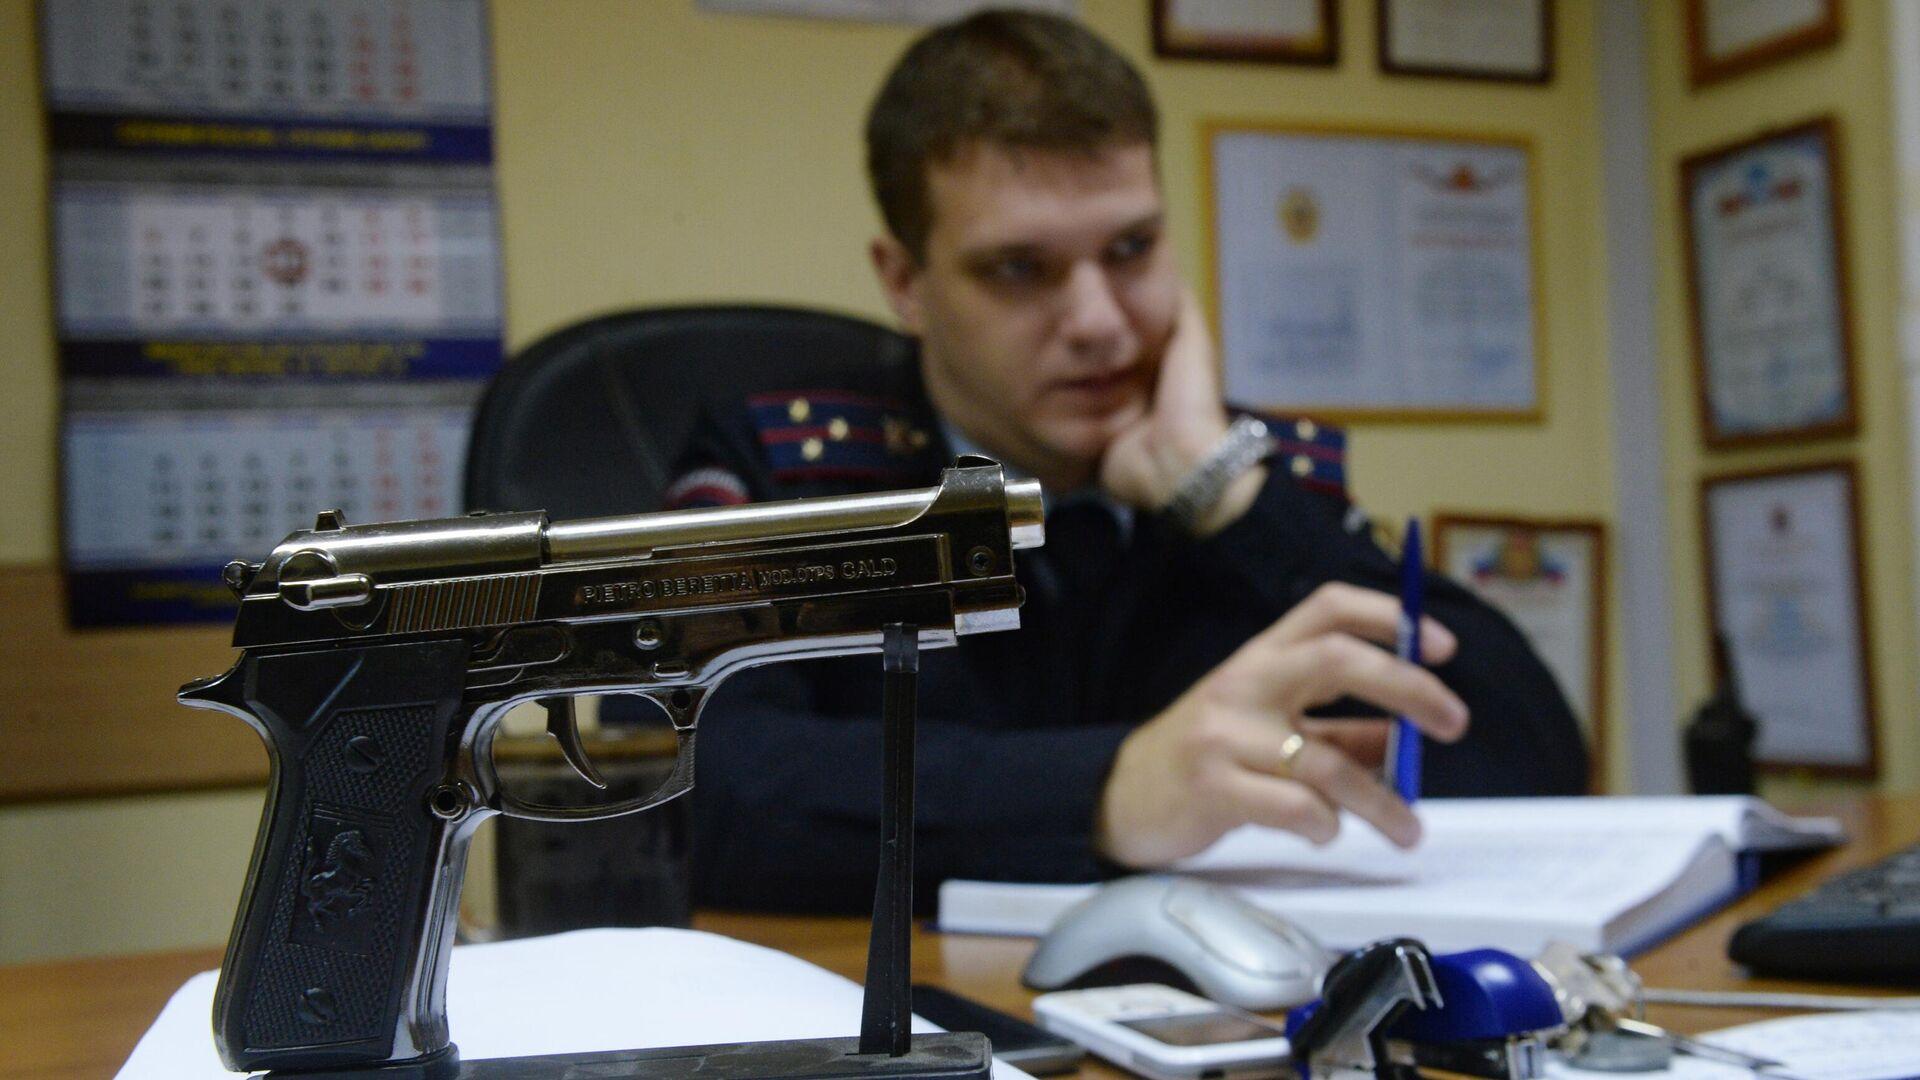 Сувенир на рабочем столе старшего лейтенанта полиции Анатолия Арабкина в Москве - РИА Новости, 1920, 24.07.2021